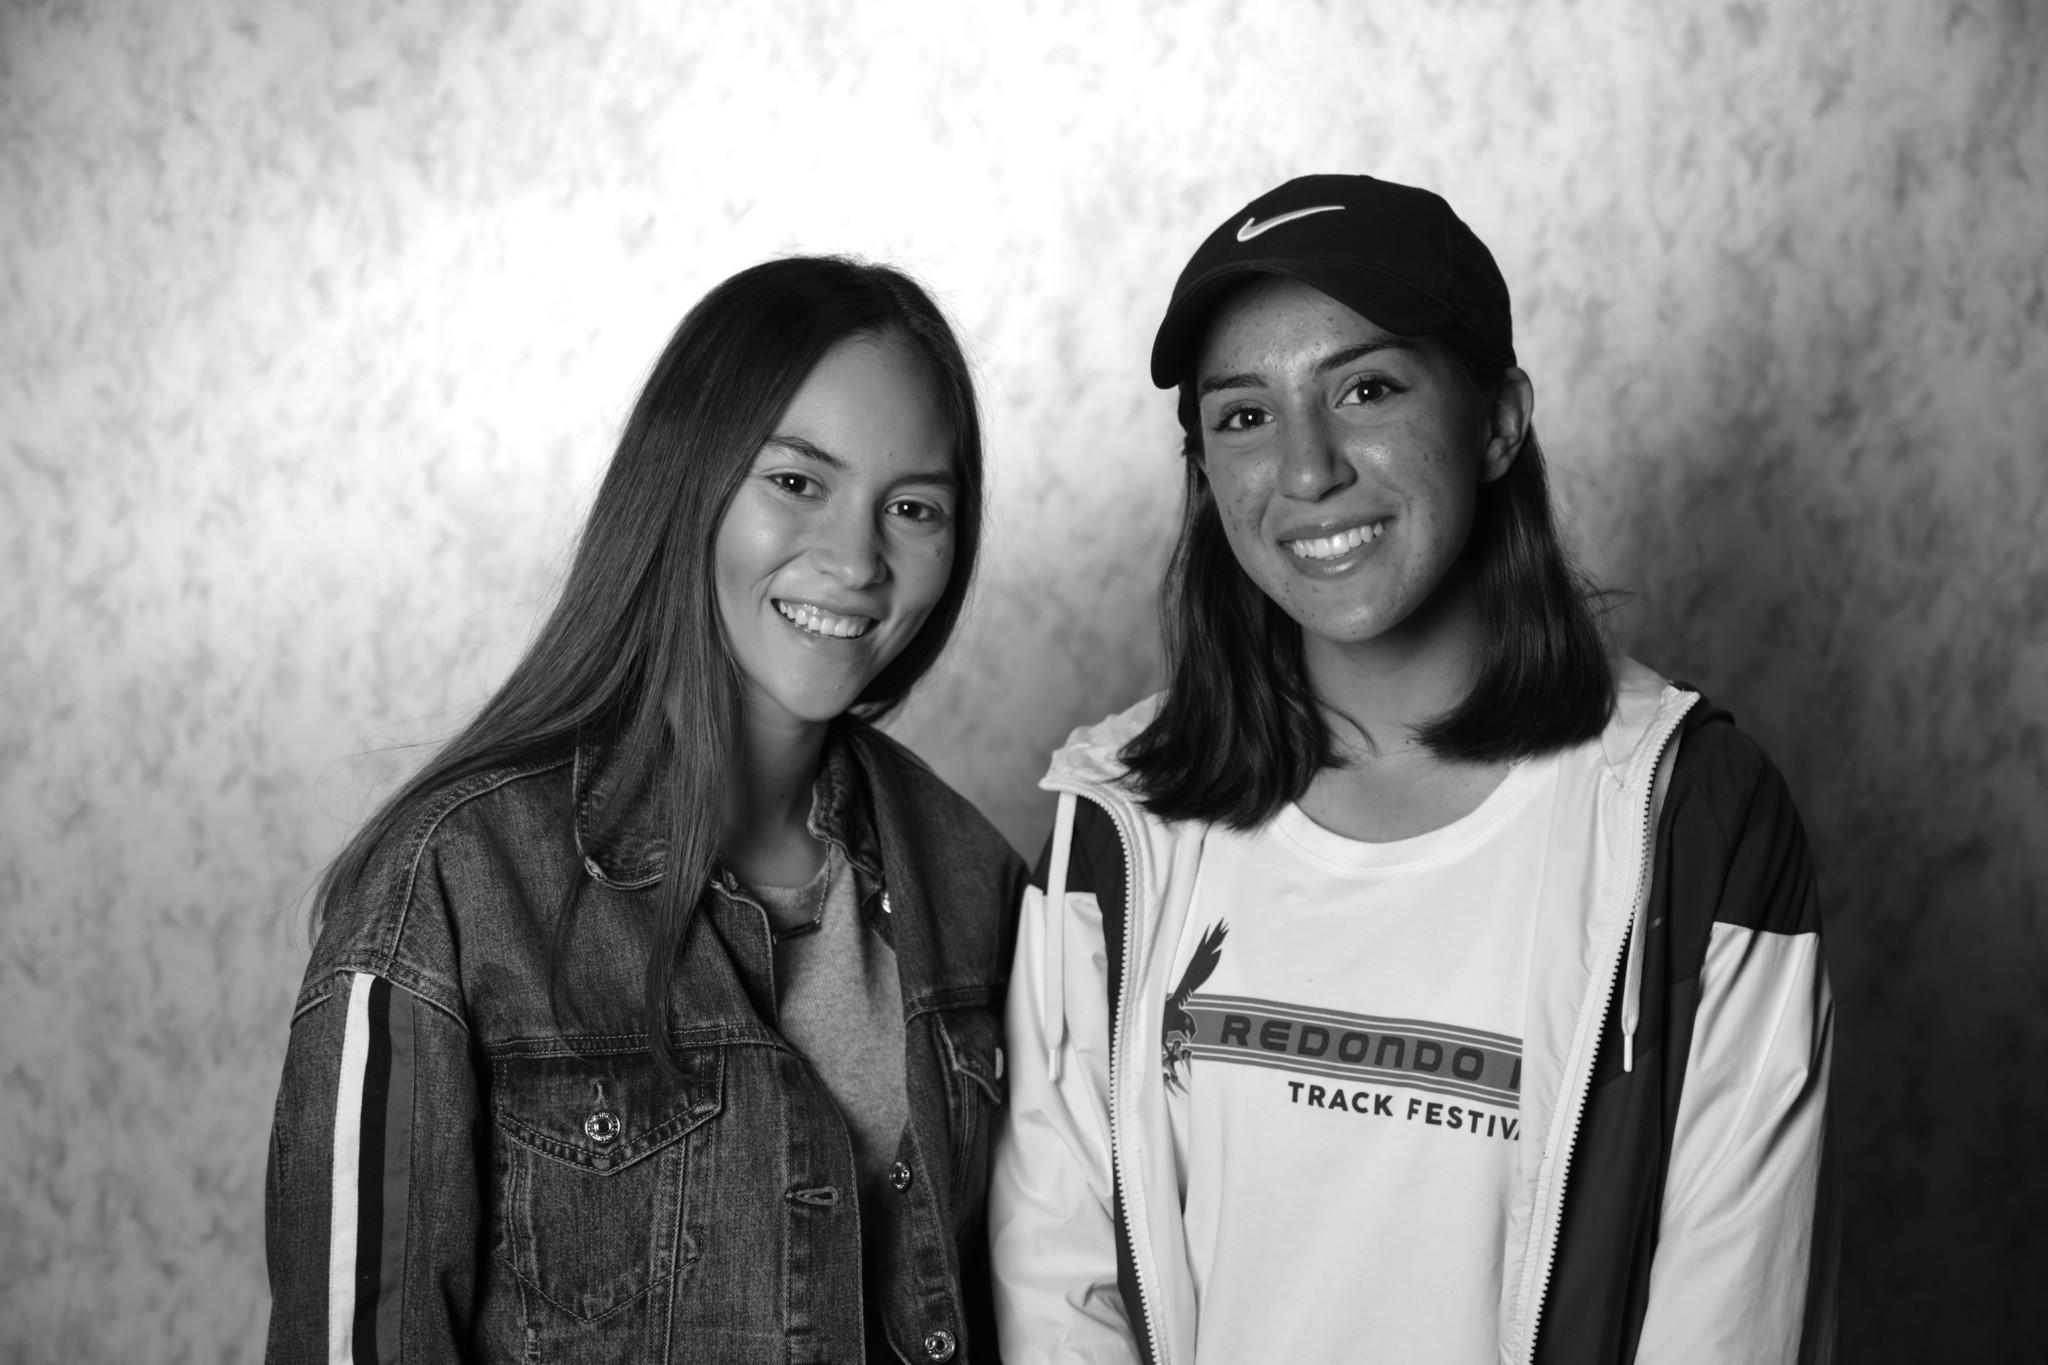 Andrea Escobar and Nicole Contreras